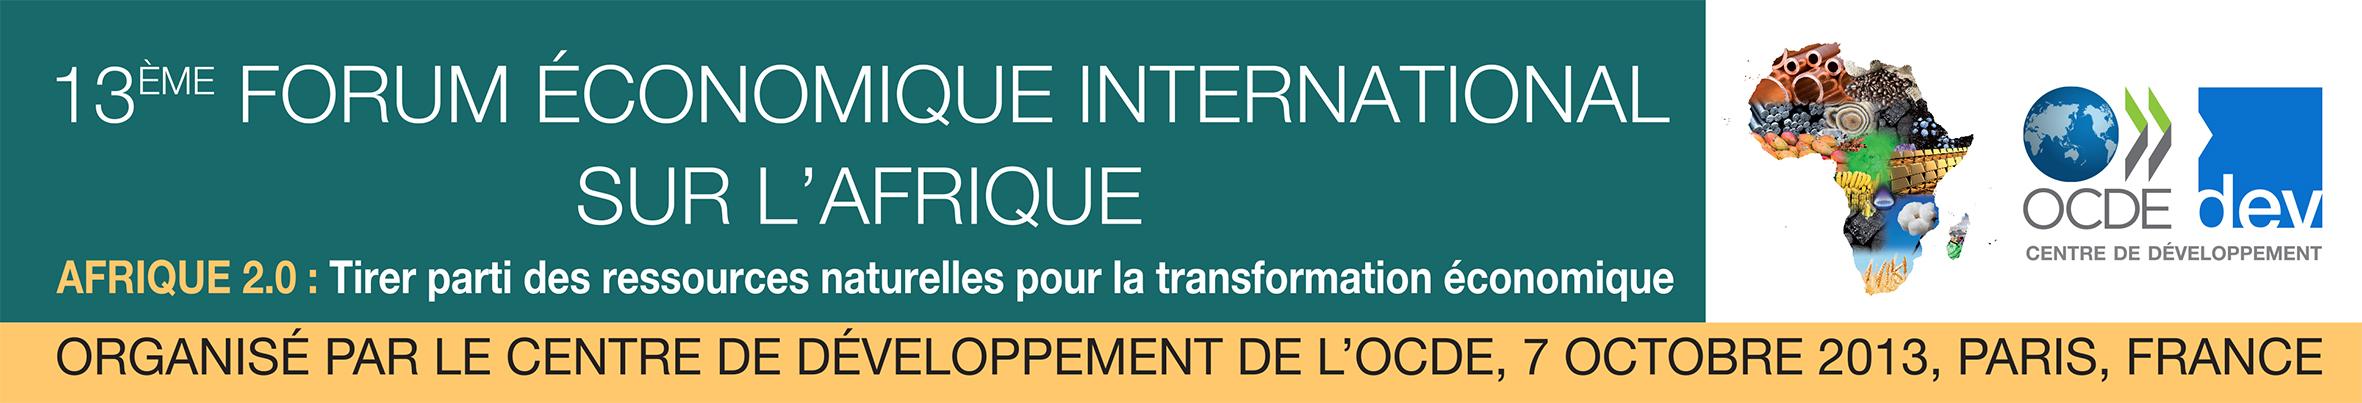 2013-10-02-BannerForumAfrica2013FRV1.JPG